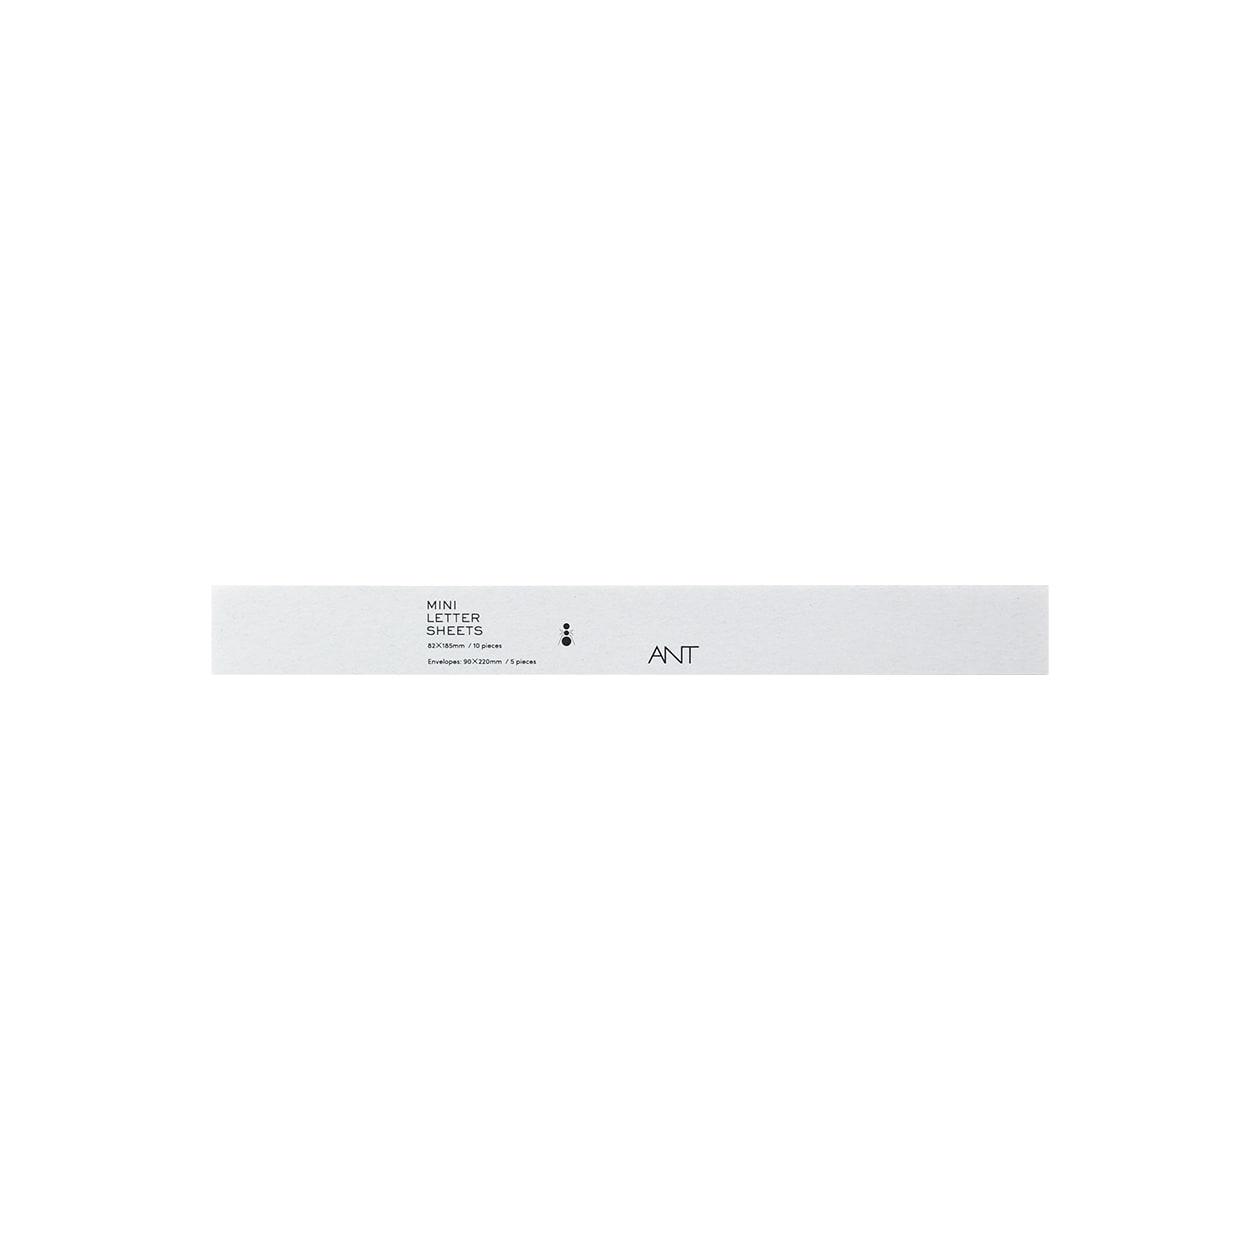 サンプル カード・シート 00426